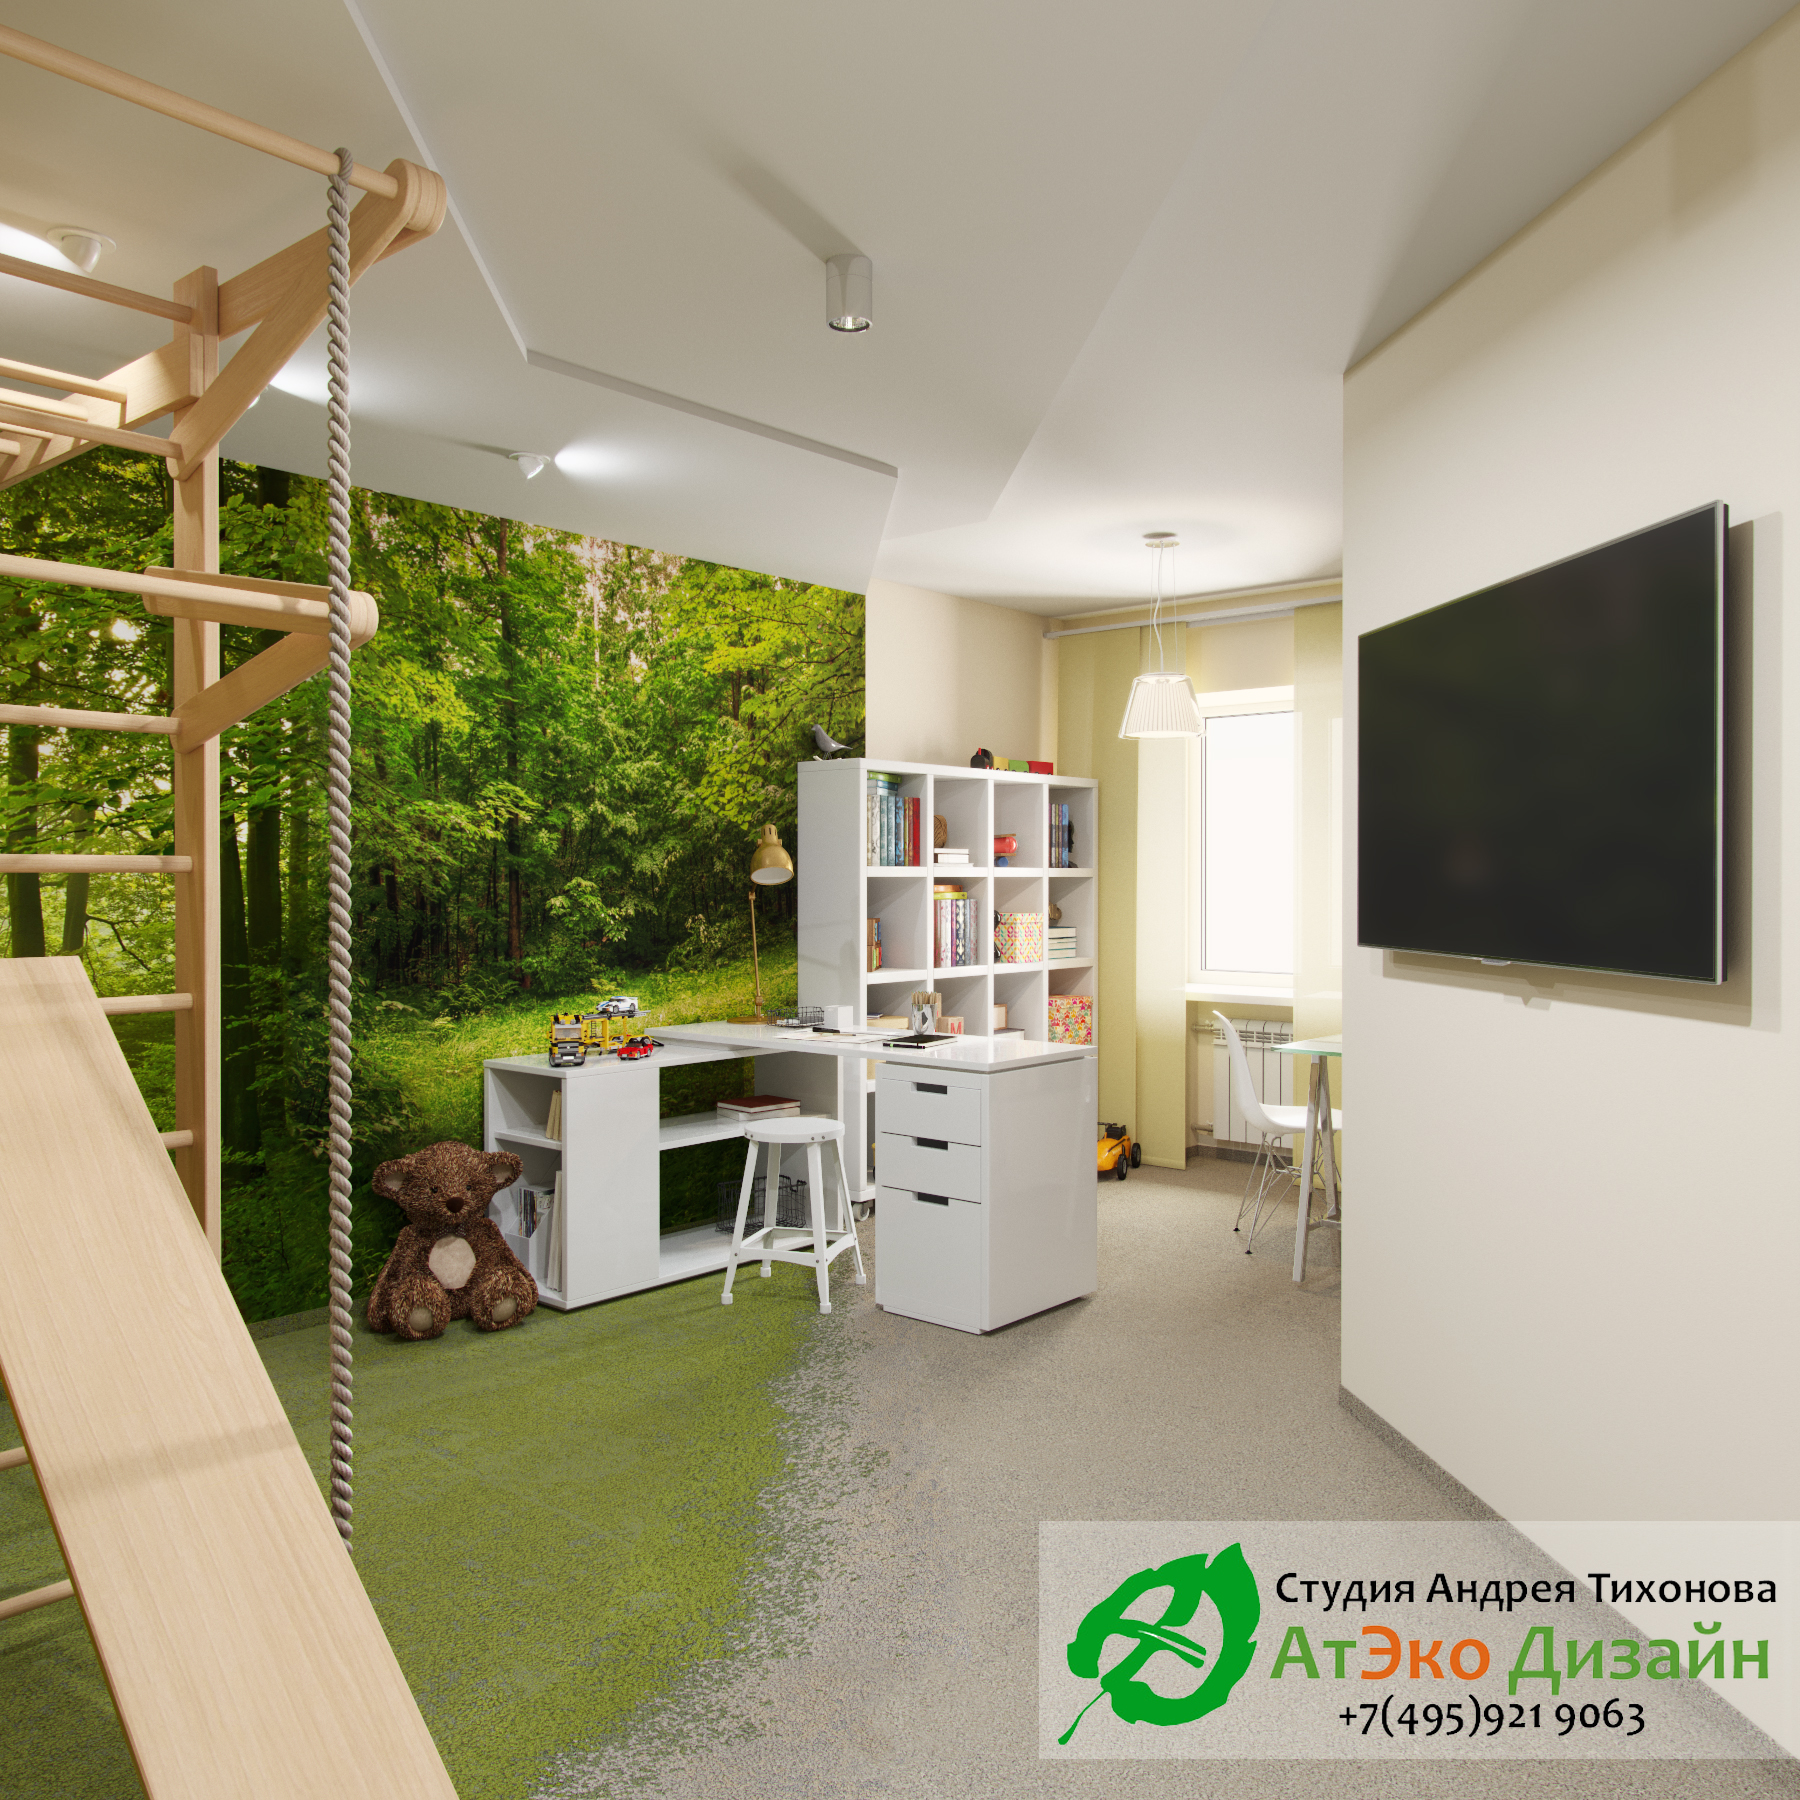 Фото дизайна игровой детской комнаты в апартаментах